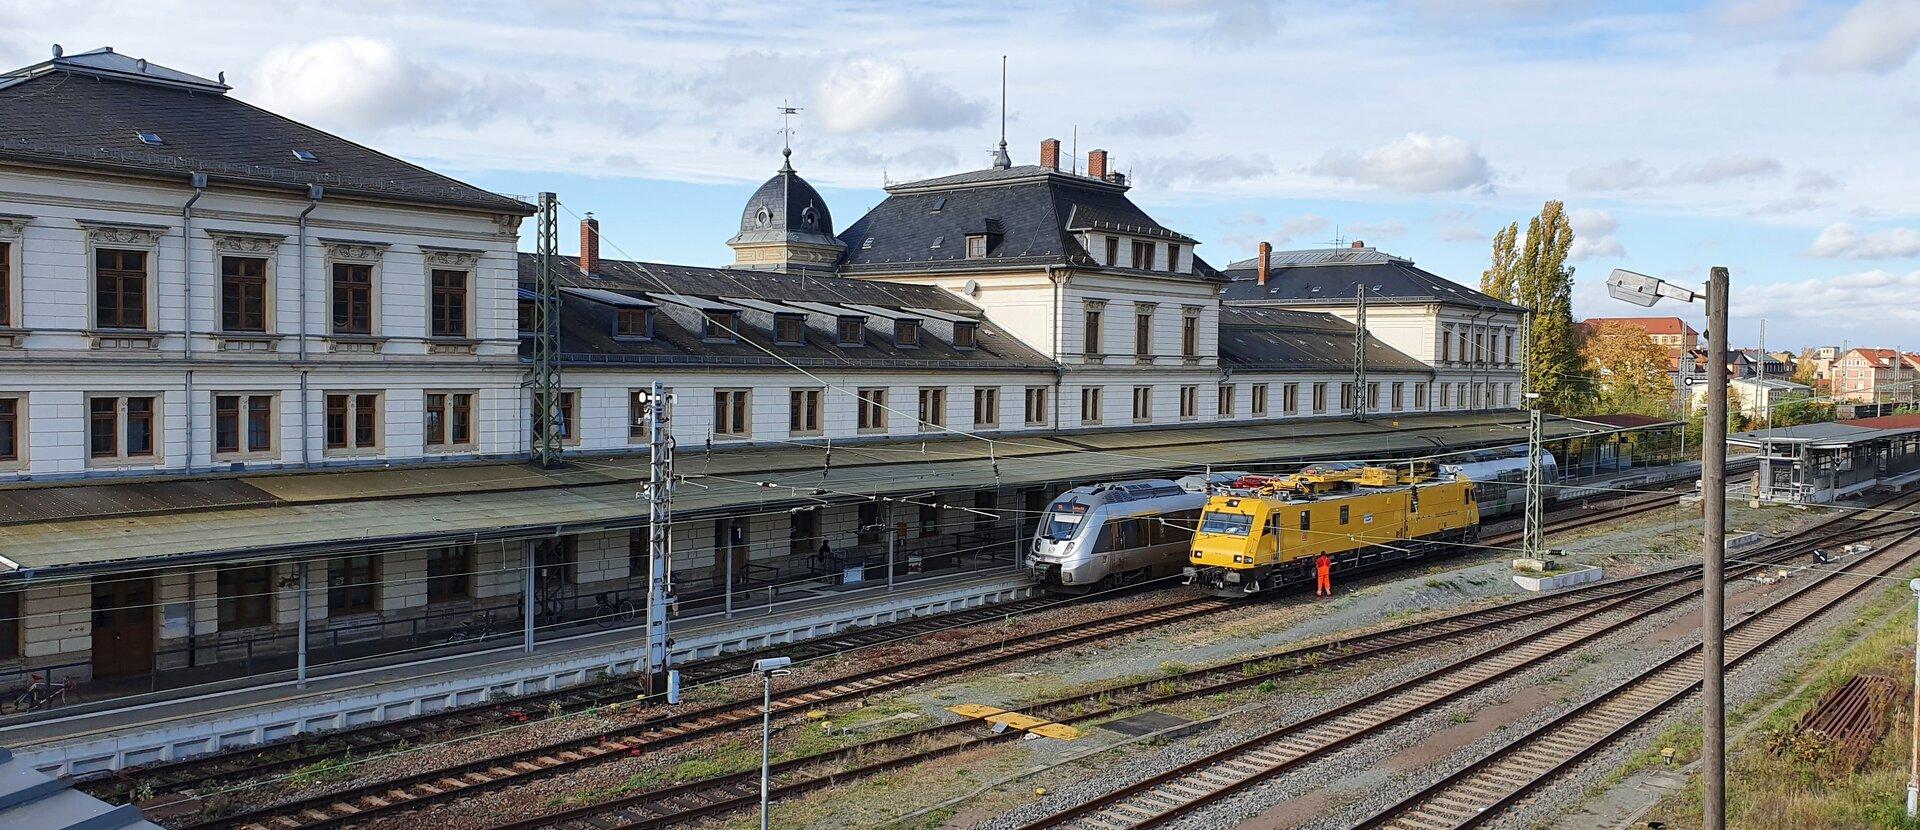 Bahnhof Altenburg